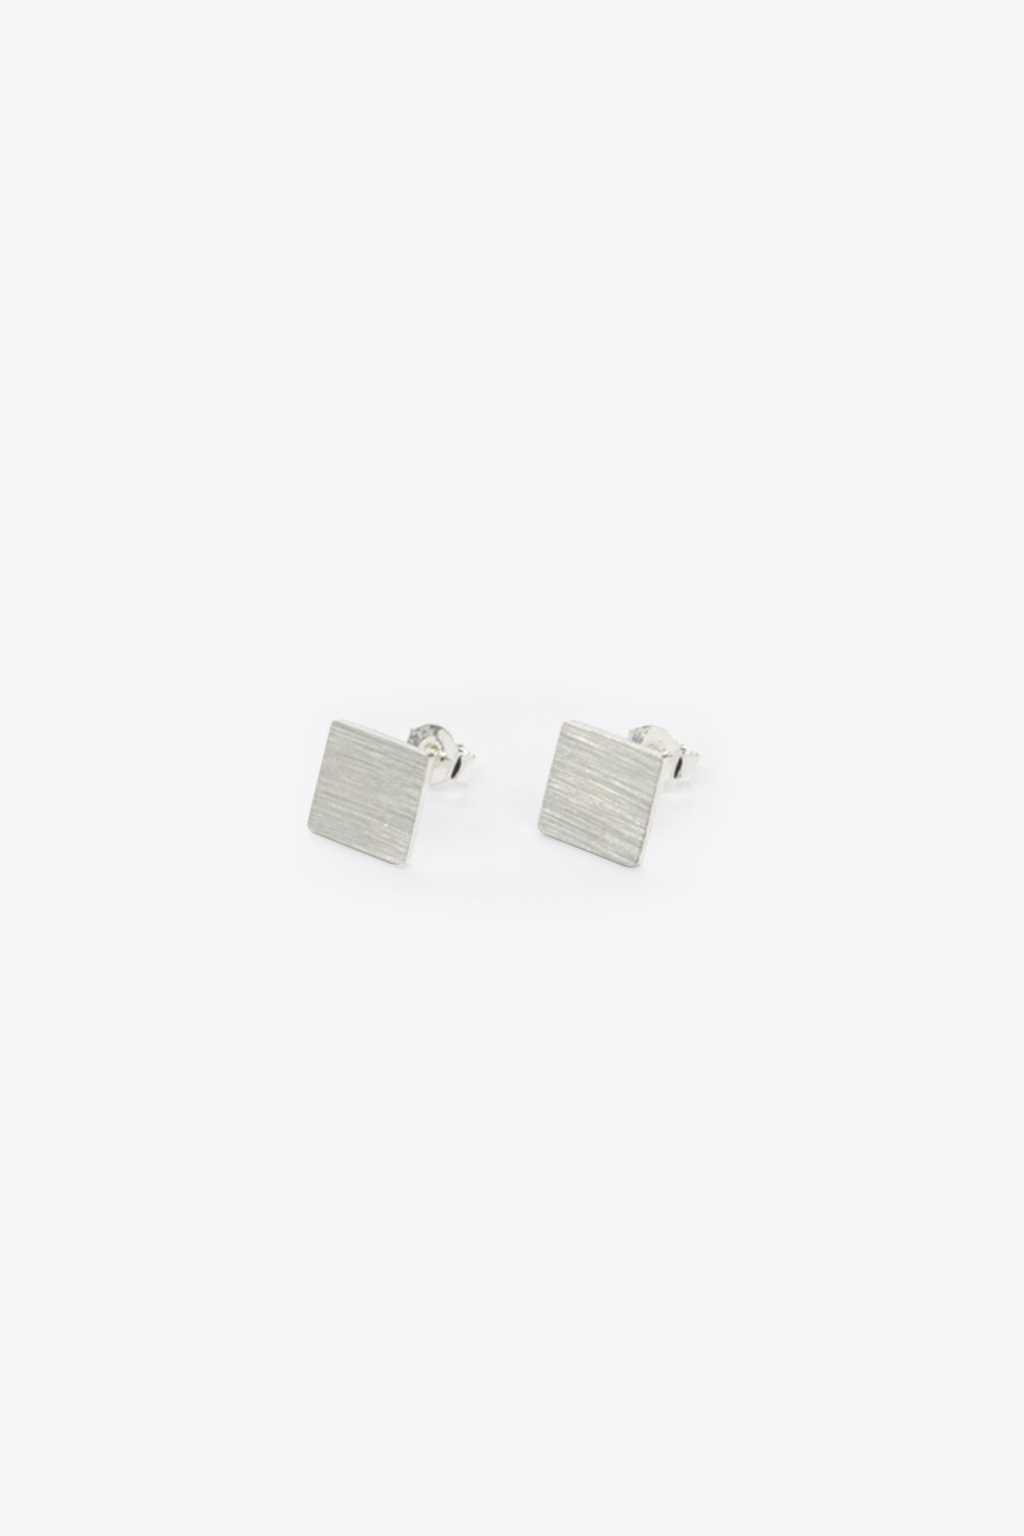 Earring H038 Silver 1